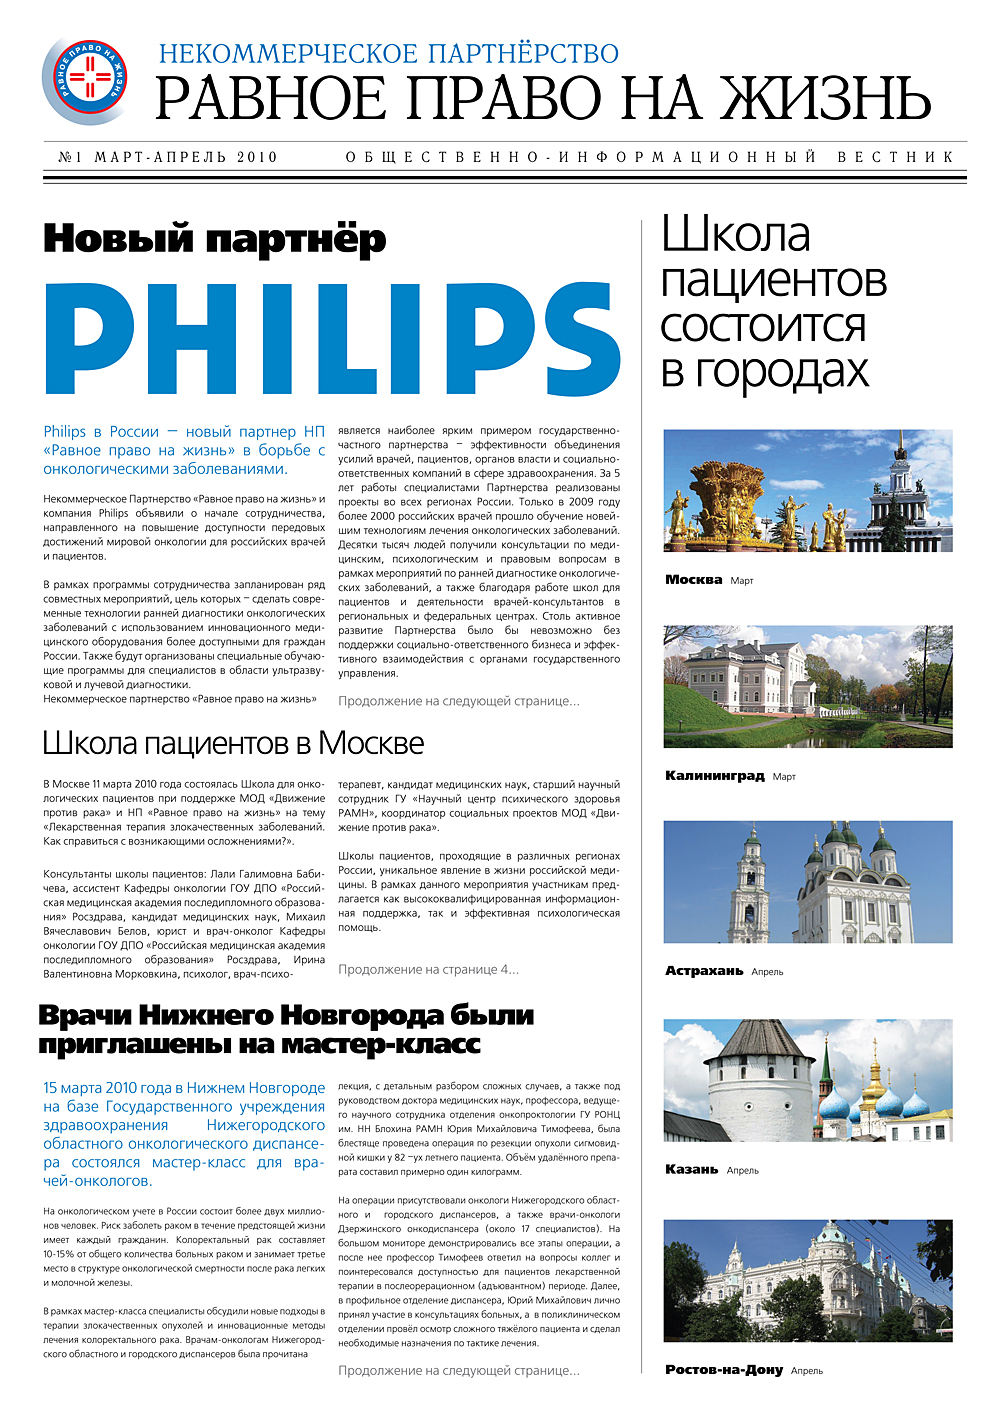 Дизайн газеты титульная